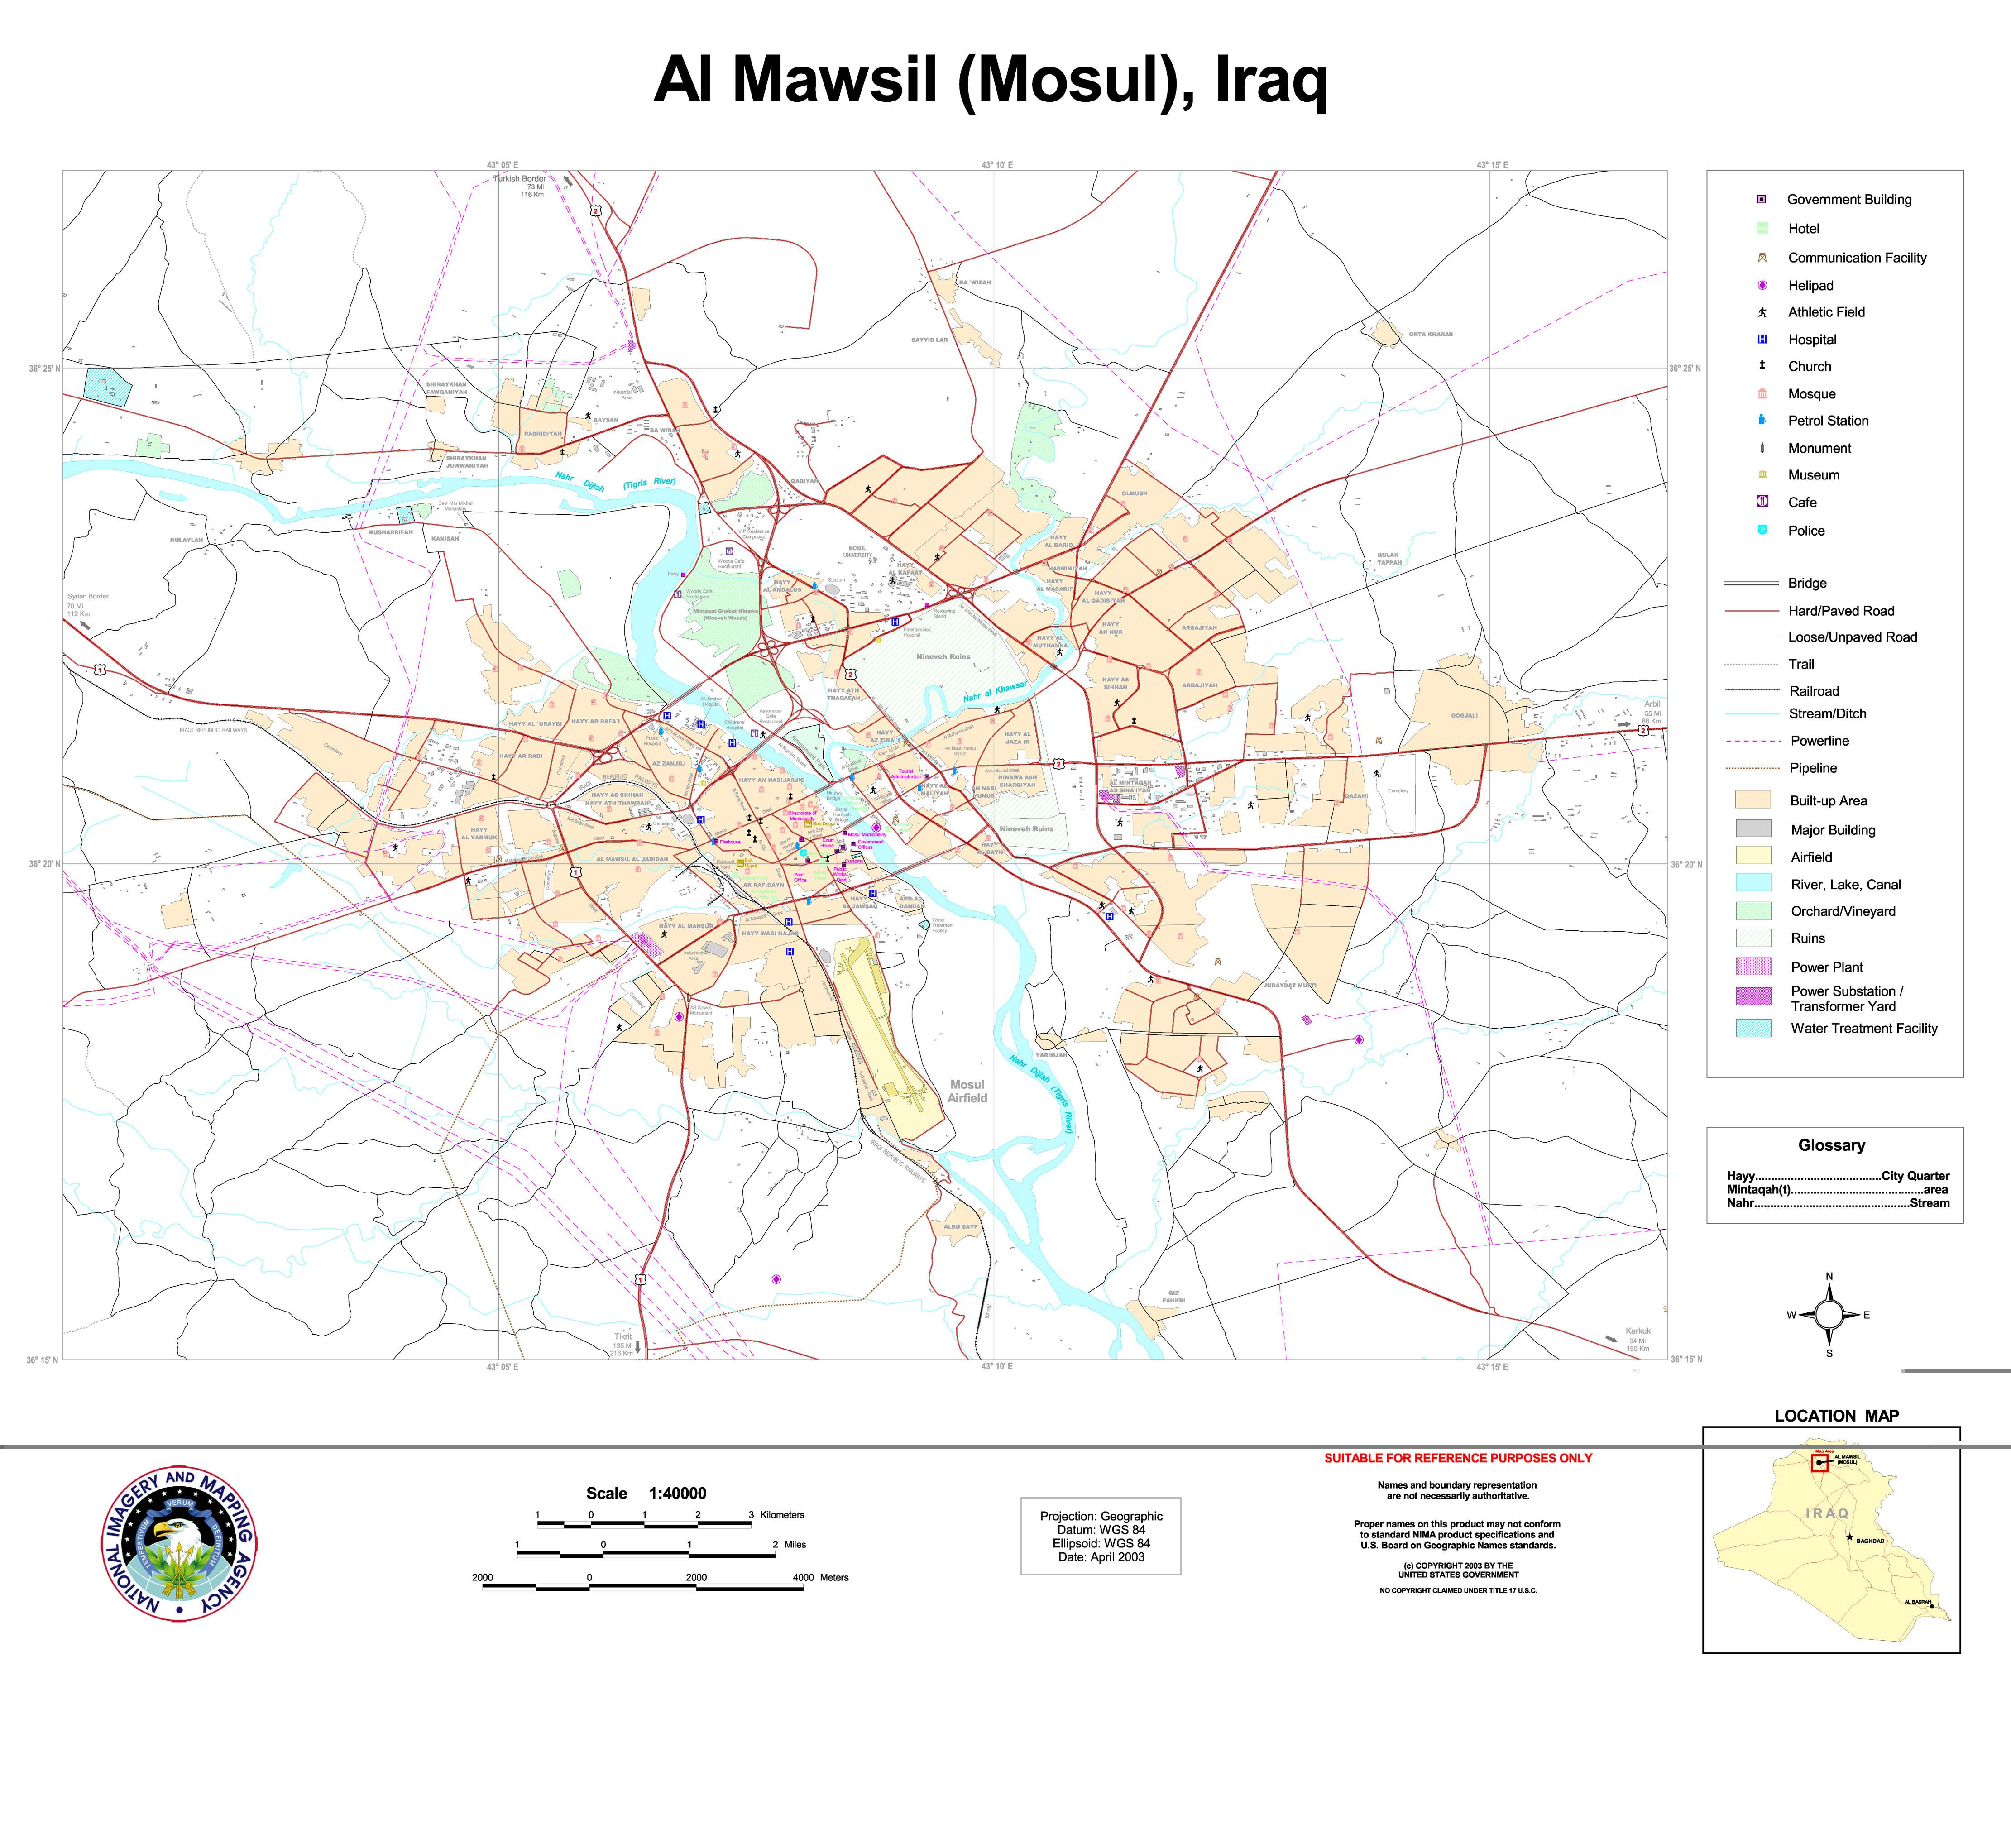 Mosul map 2003